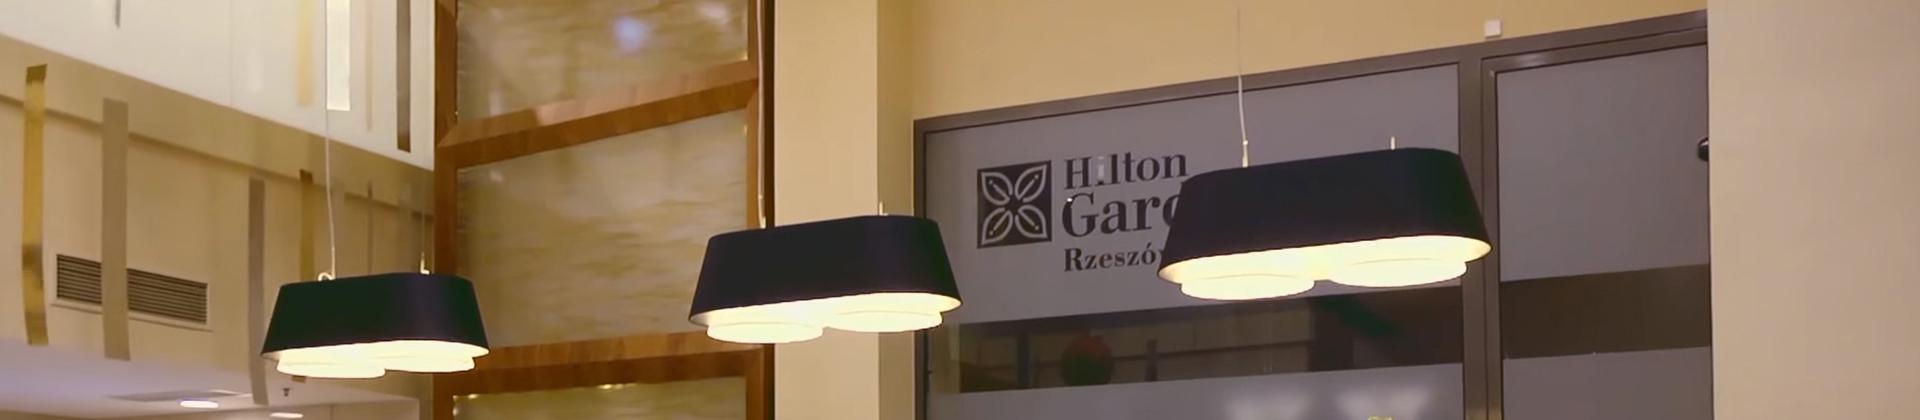 Danfoss HVAC for hotels   Danfoss